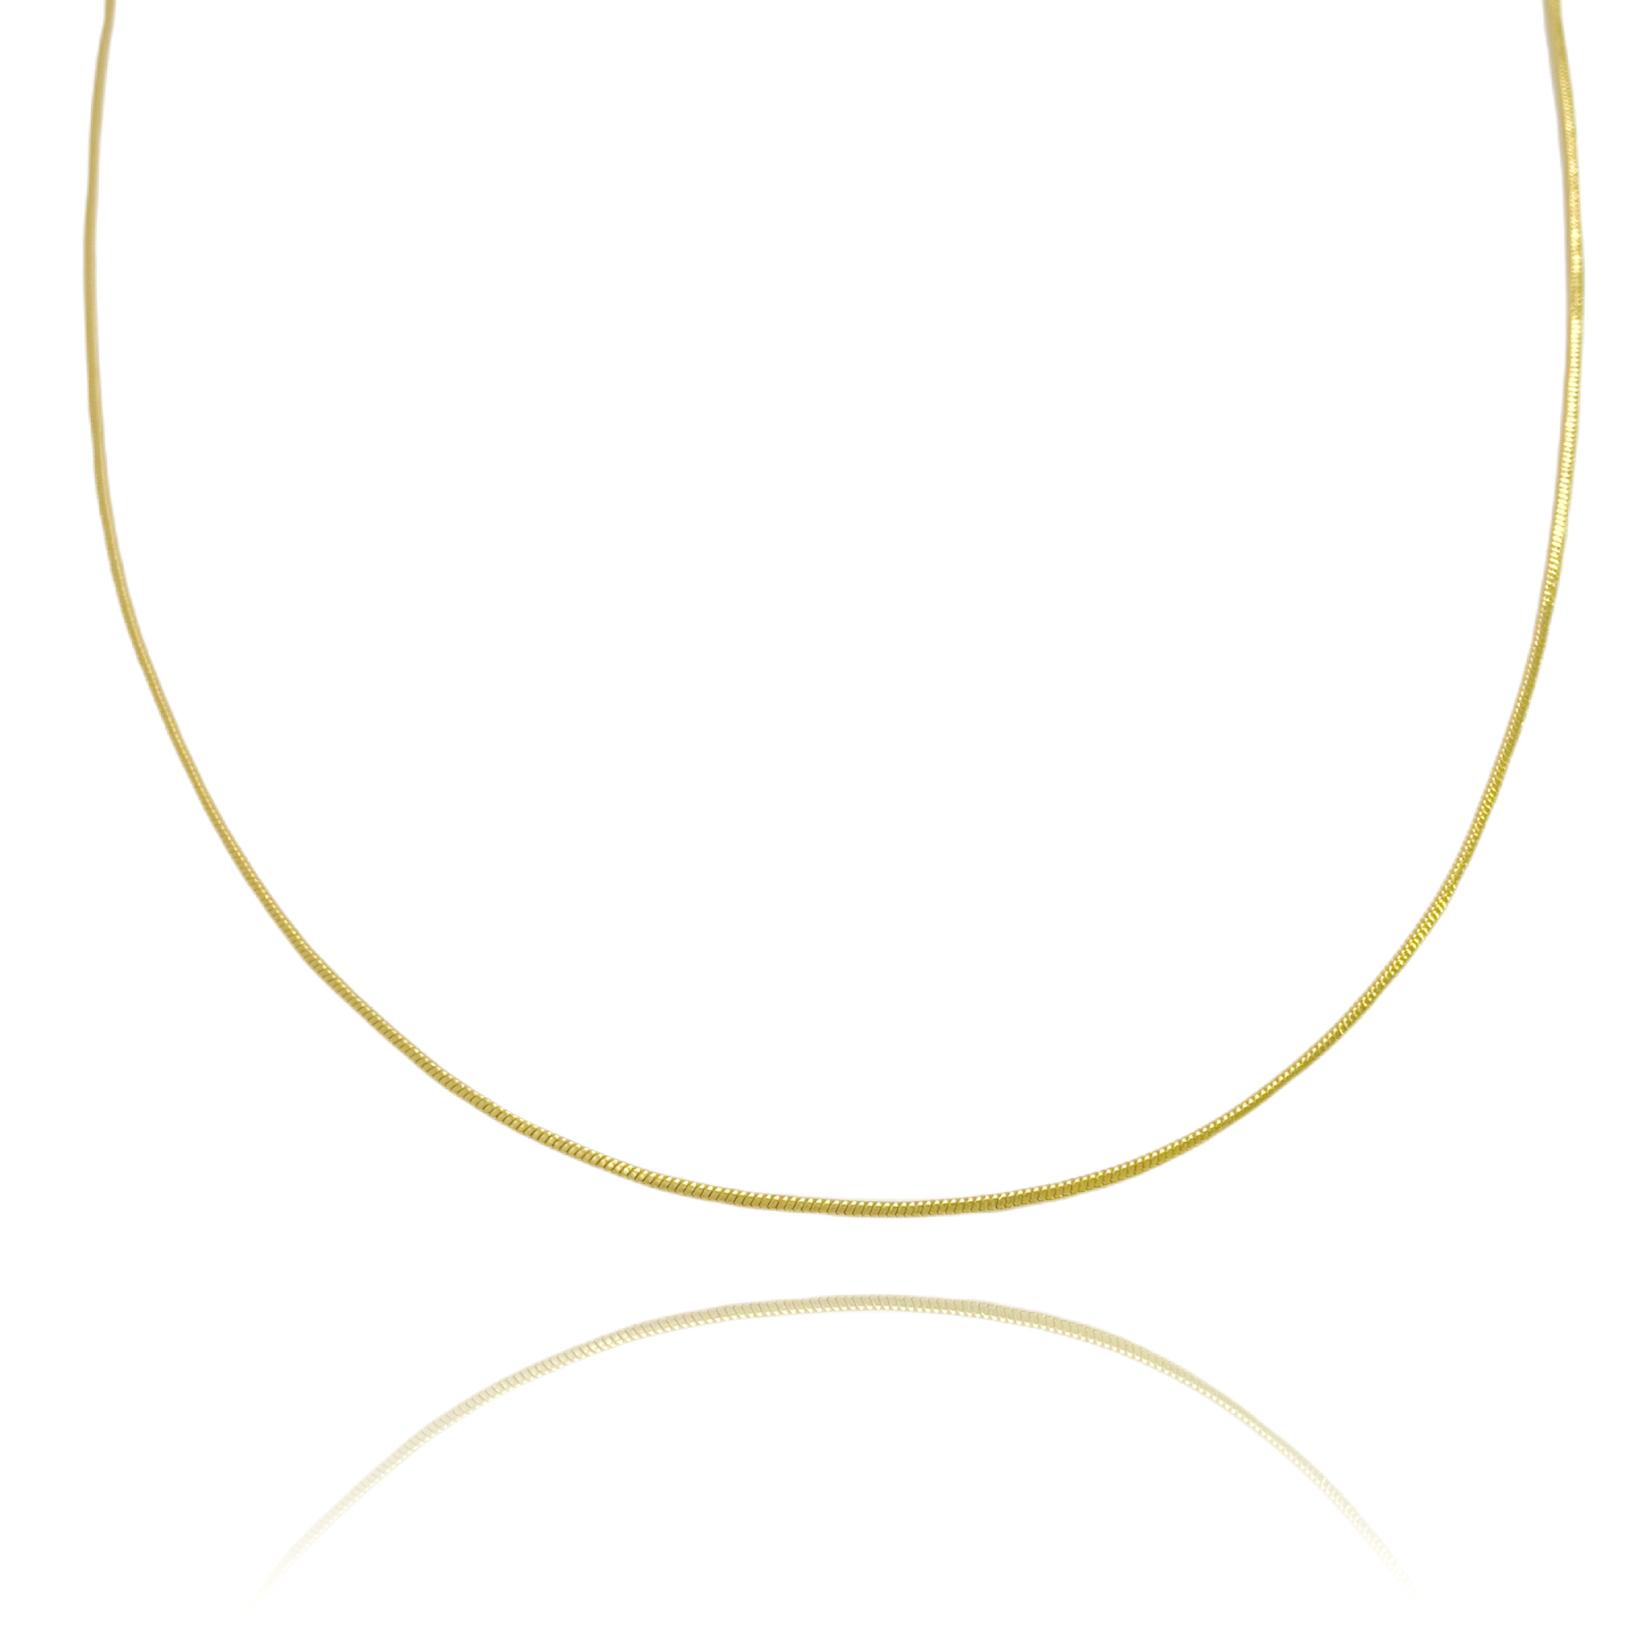 Corrente Rabo De Rato Quadrada 1,2mm 70cm (Fecho Tradicional) (TAG 24K) (Banho Ouro 24k)